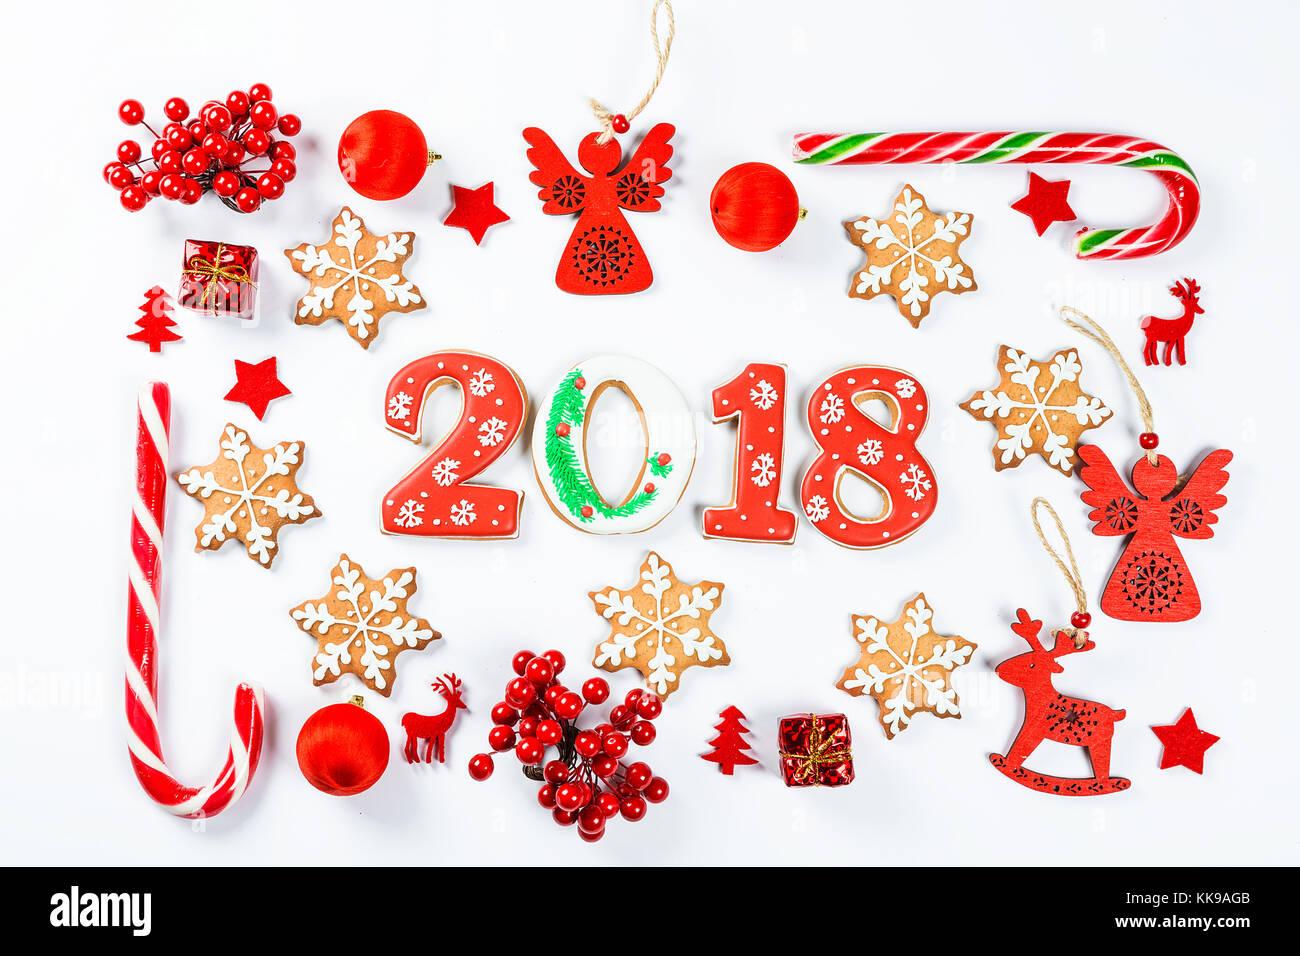 Marco de navidad y año nuevo juguetes rojos adornos con galletas de ...